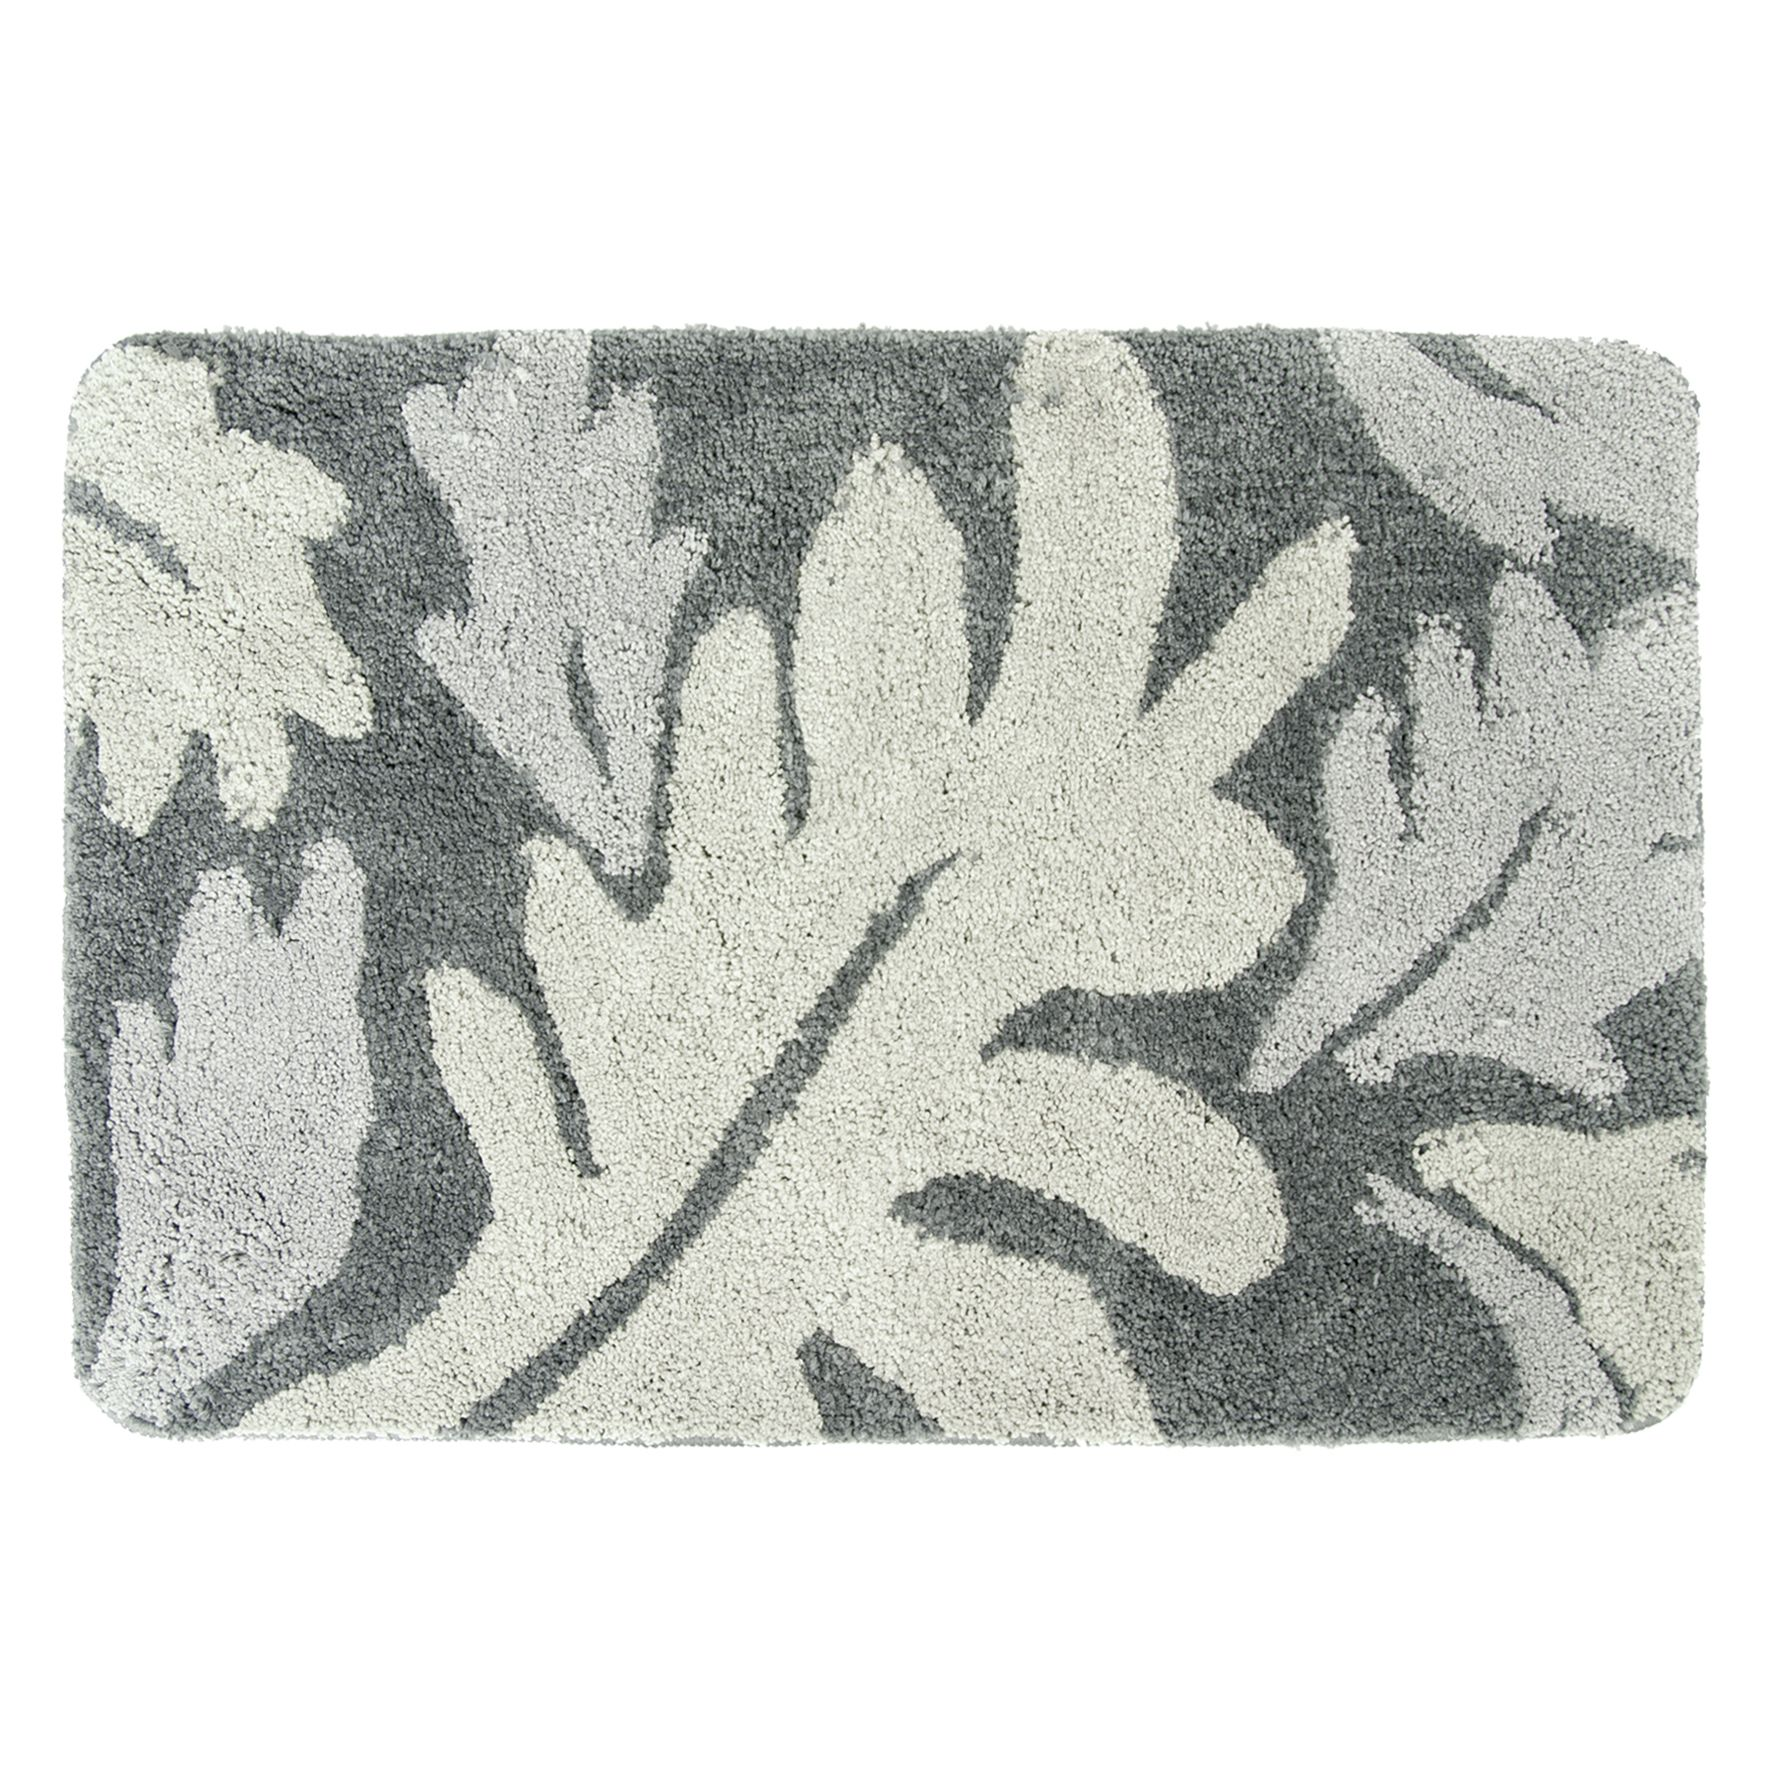 Differnz Folia badmat 60x90 grijs